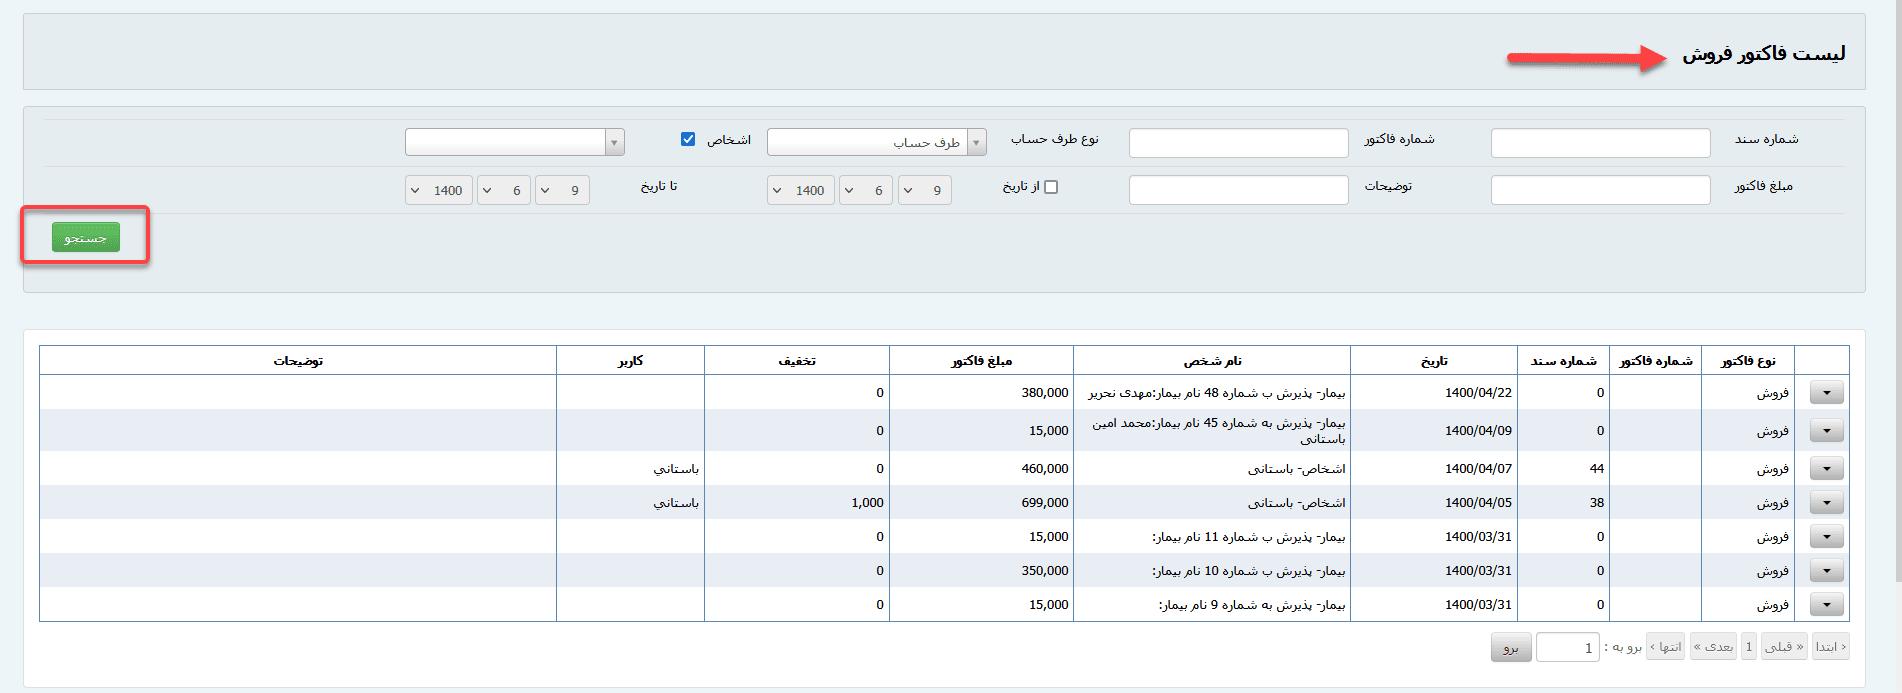 صفحه لیست فروش